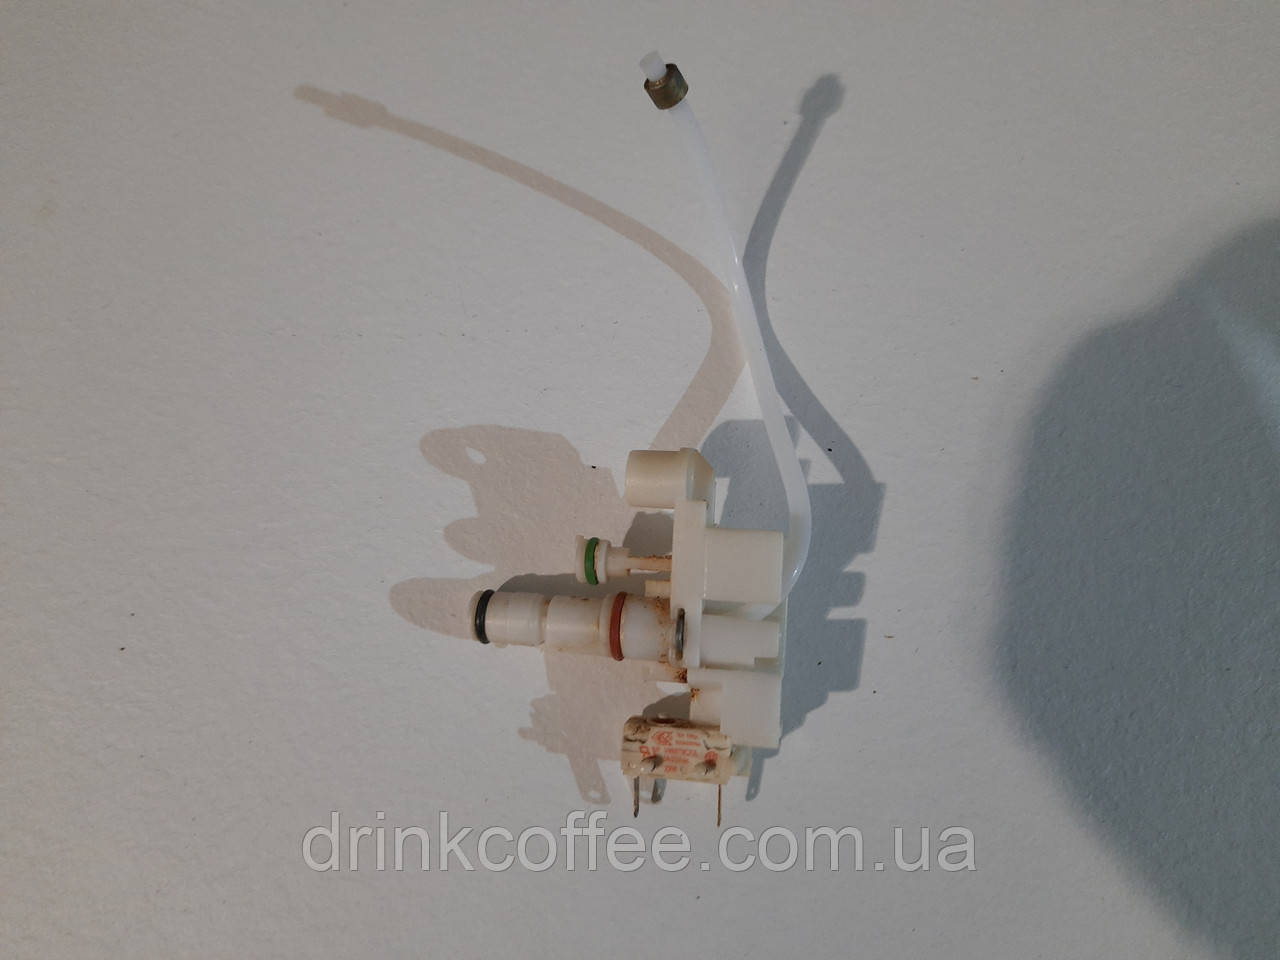 Распределитель пара на автокапучинатор для кофемашины DeLonghi ESAM 3500 Magnifica б/у